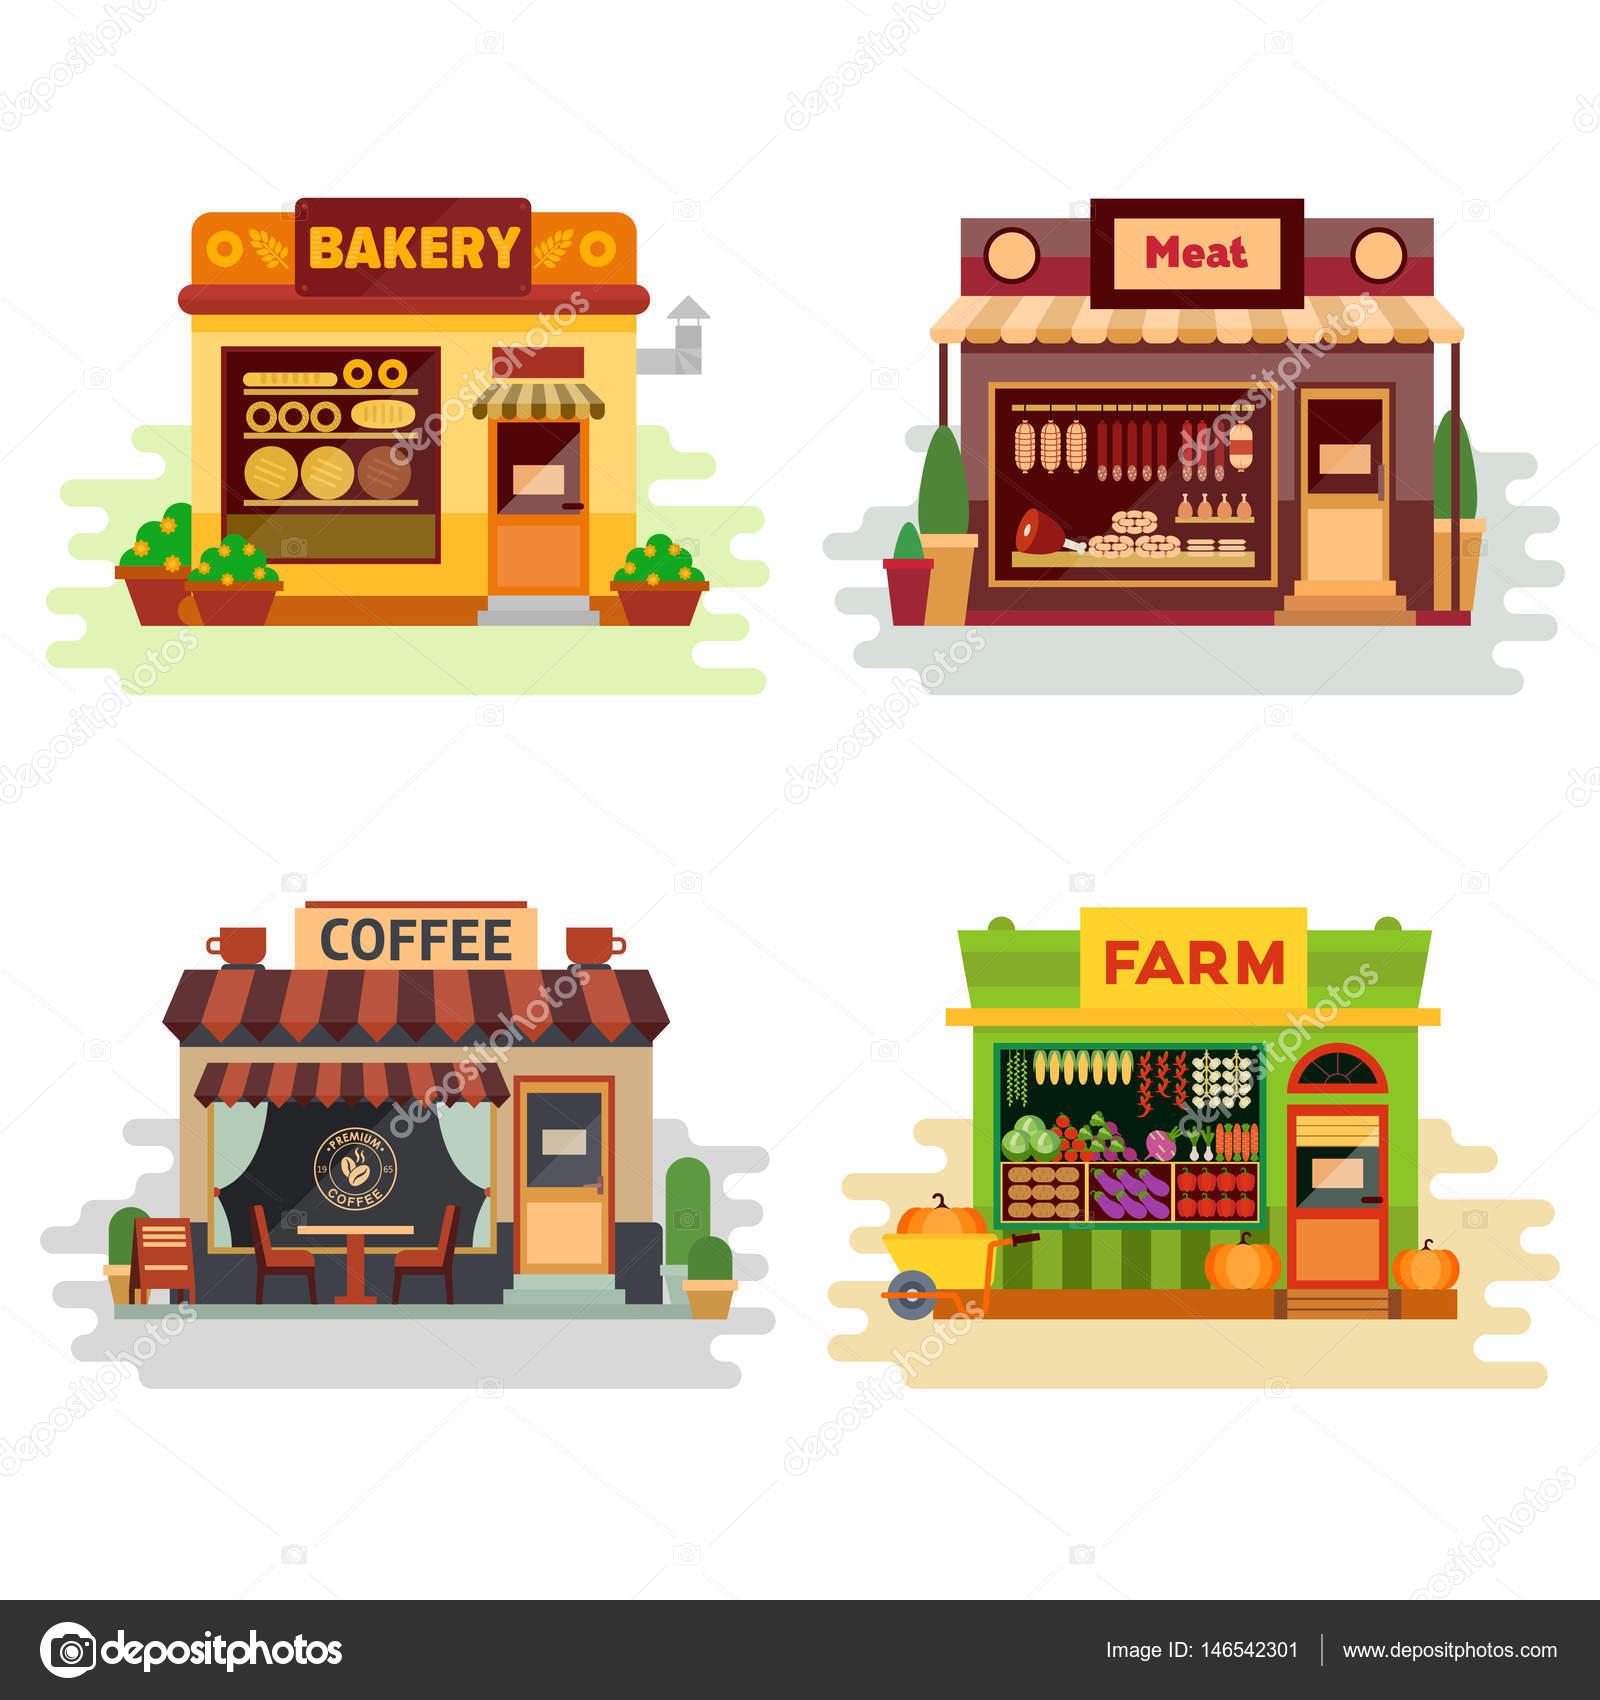 種類のカラフルなお店パン屋さん肉店コーヒー ショップ農産物